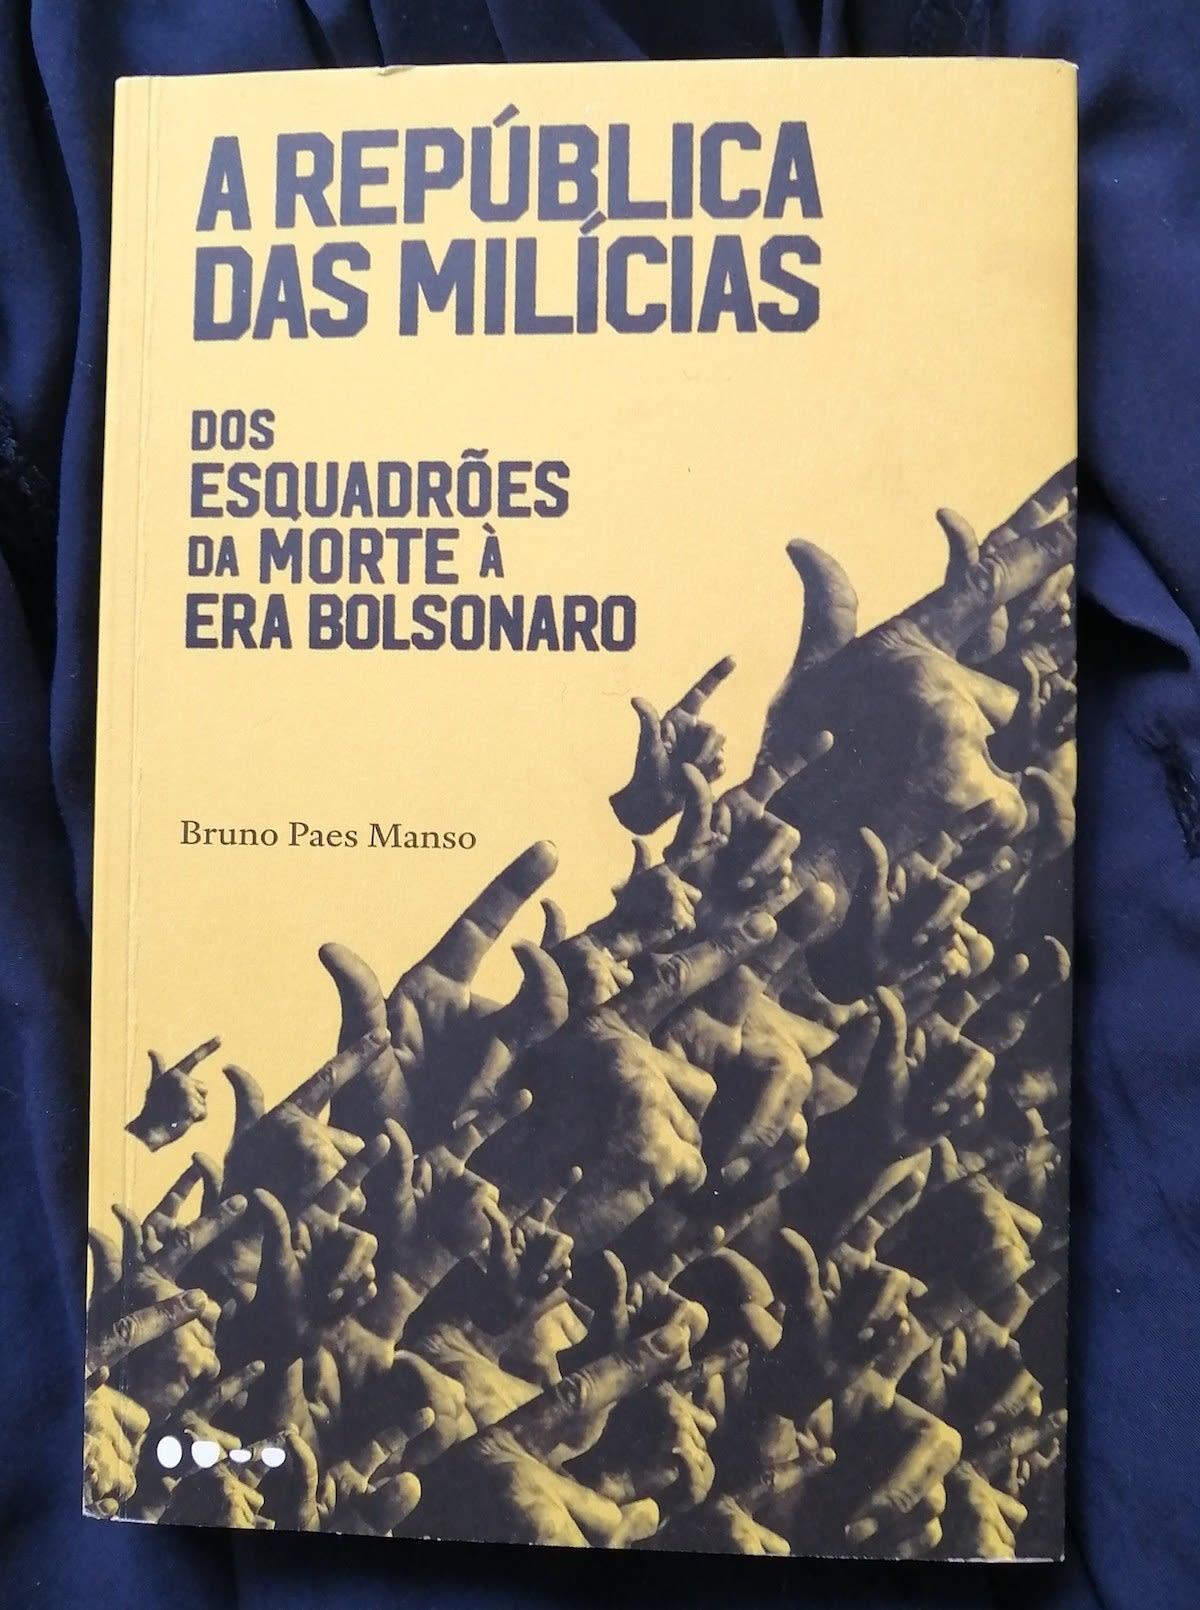 """Capa do livro """"A República das Milícias"""" de Bruno Paes Manso."""